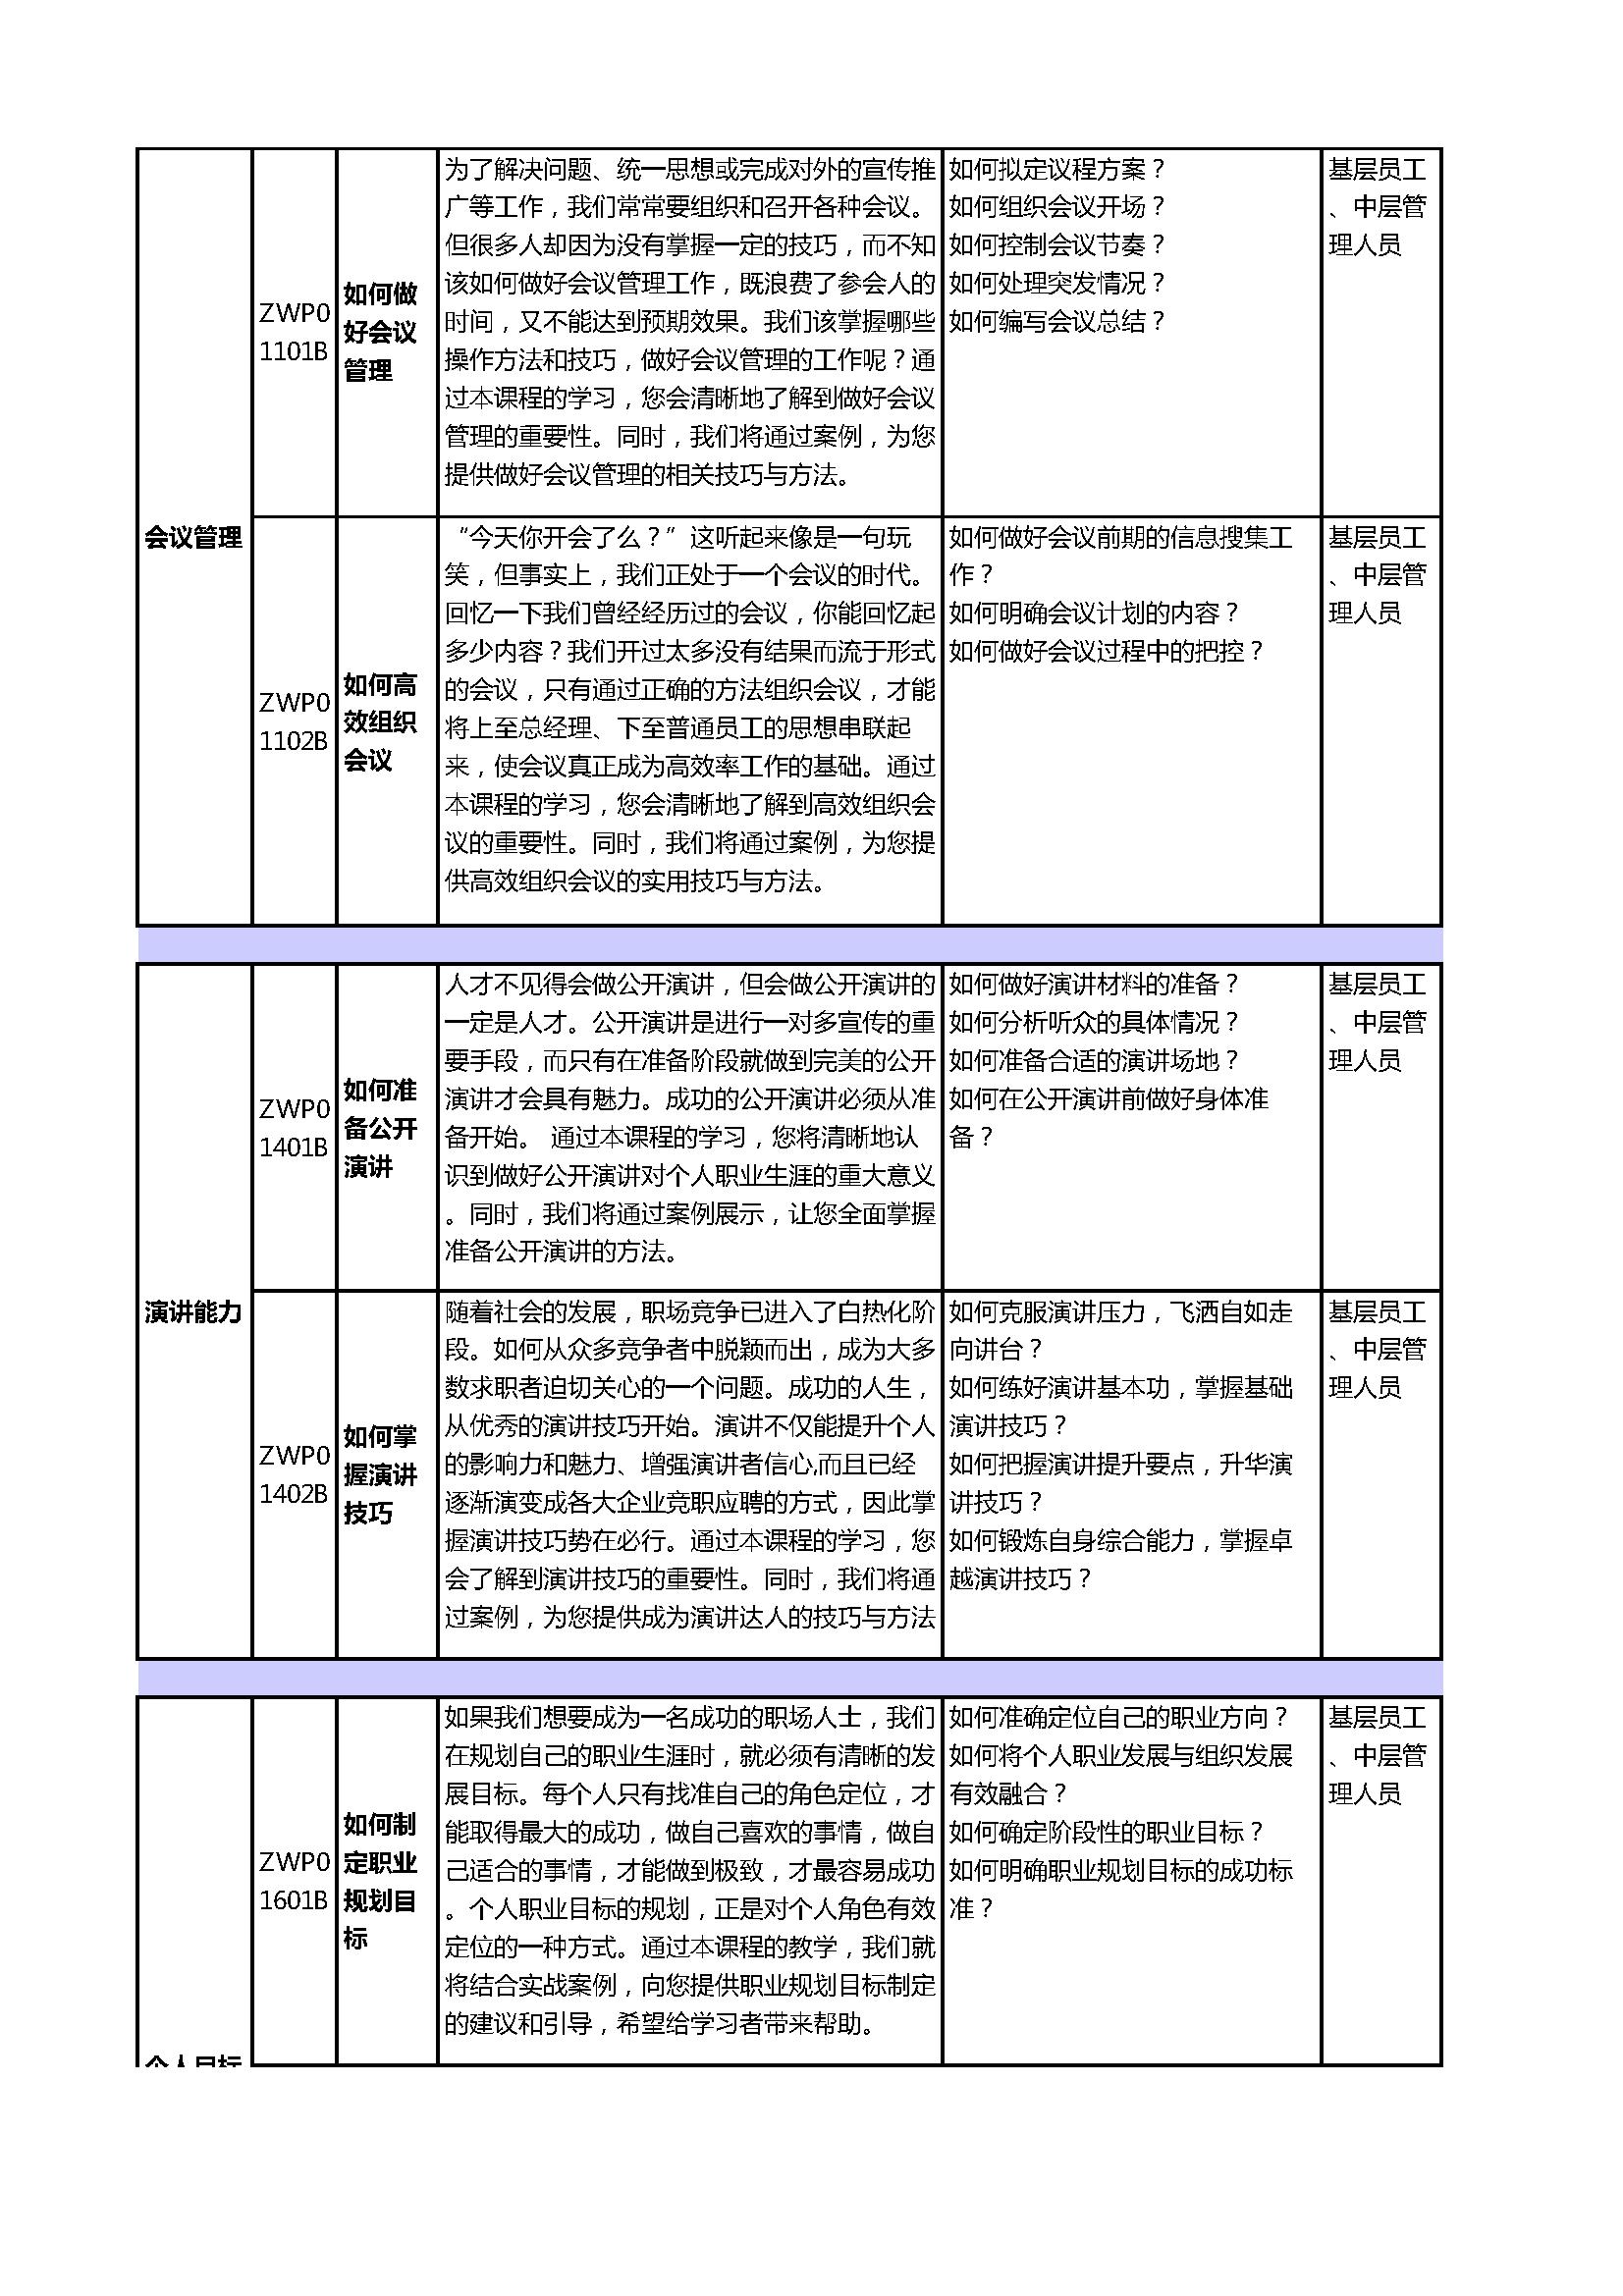 创孵学院拟定课程目录_页面_007.png